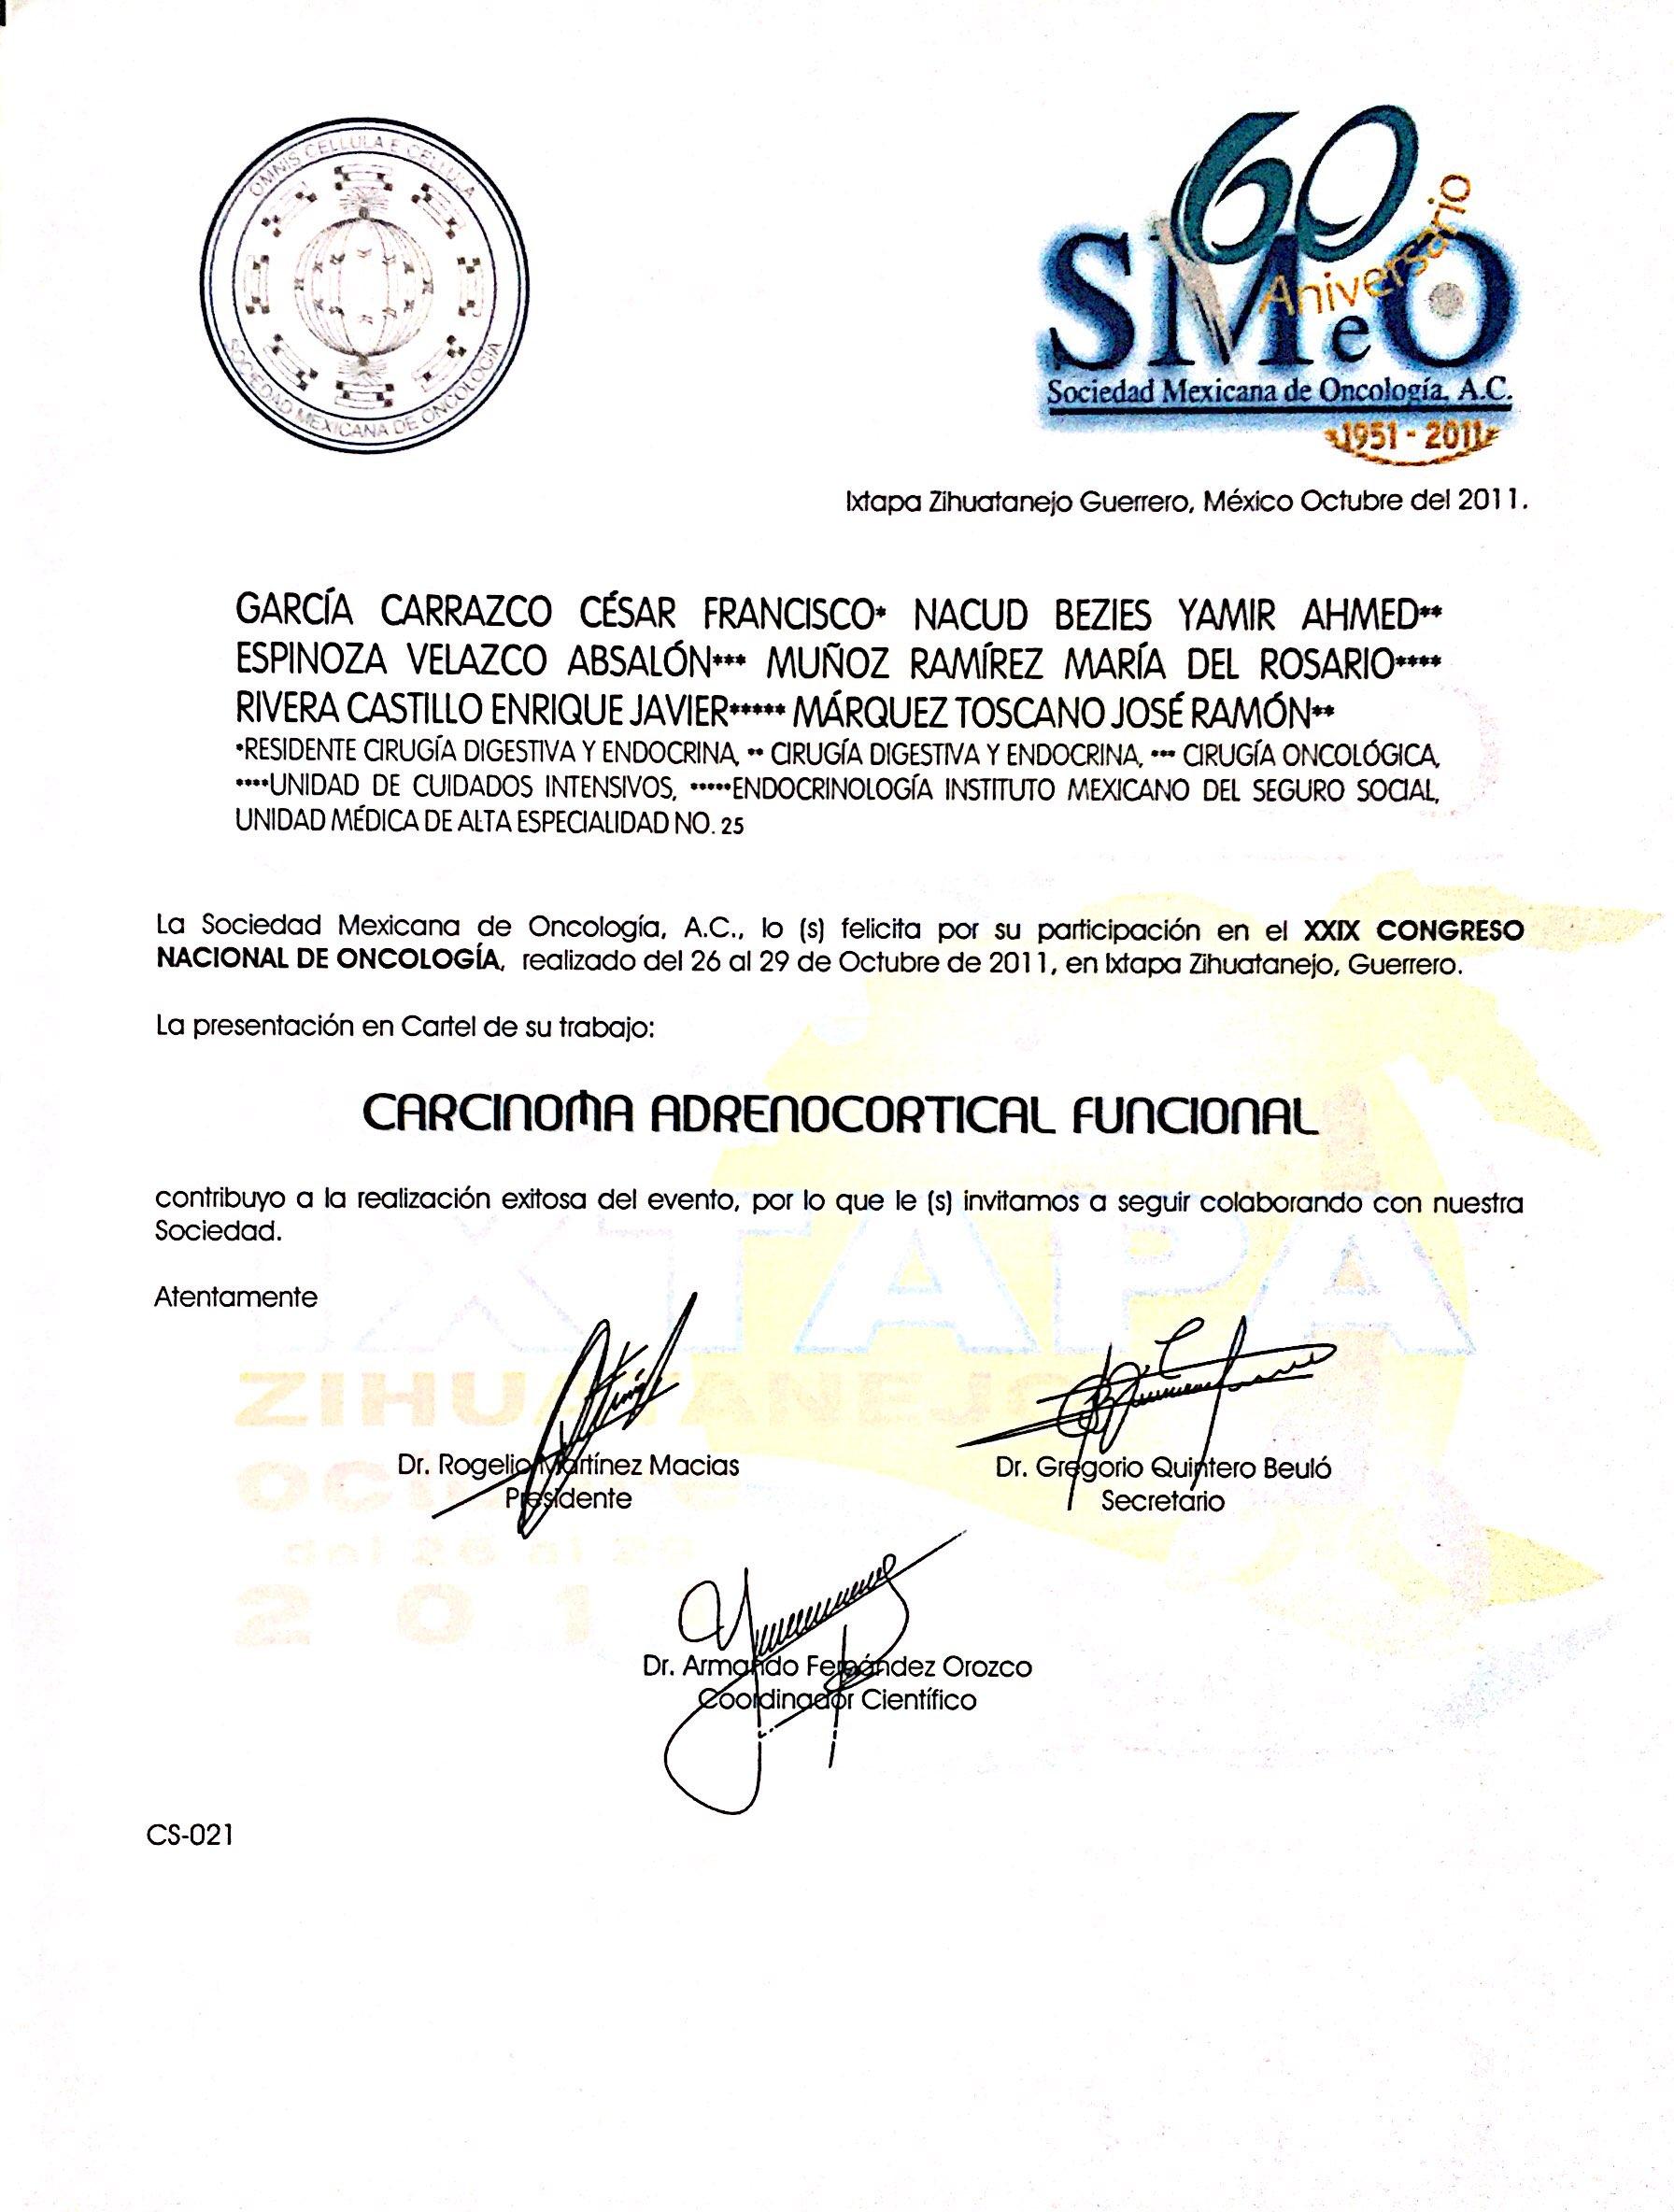 Dr. Garcia Carrazco_68